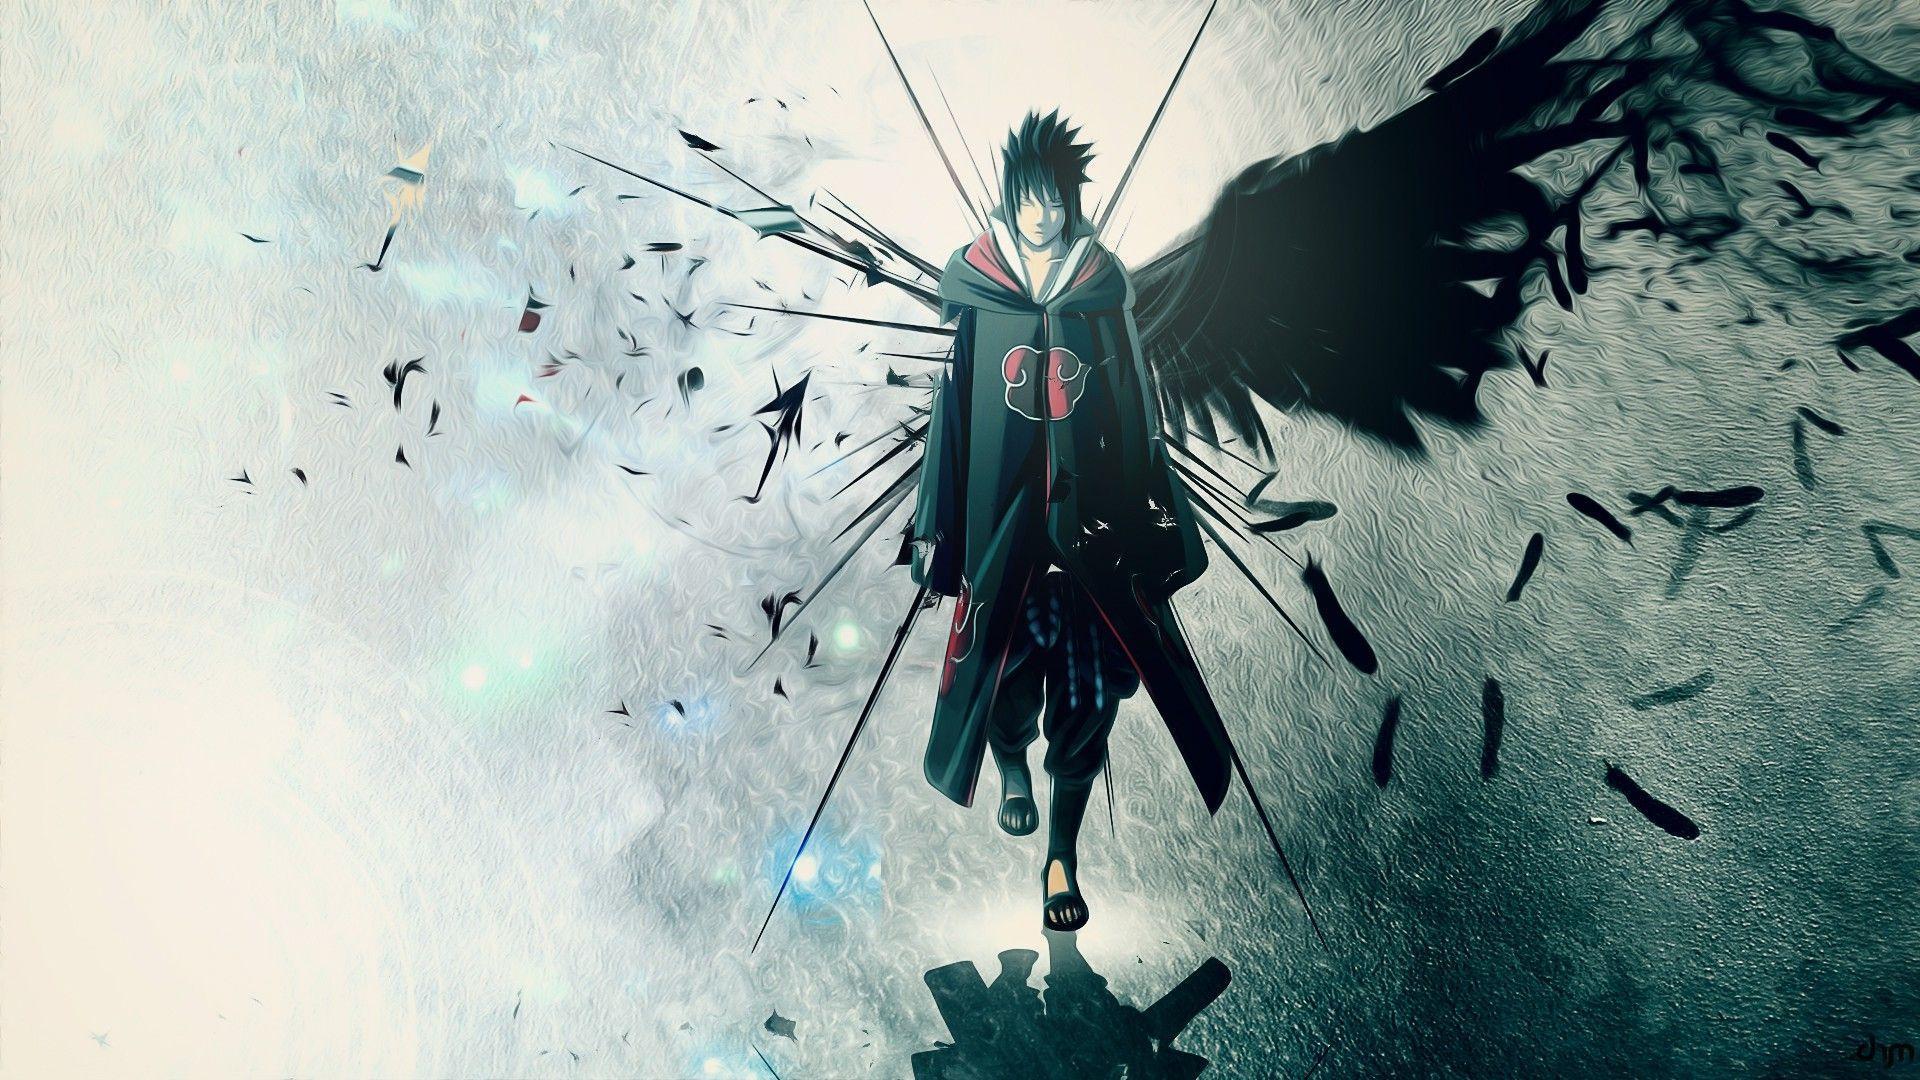 Sasuke Wallpapers HD 2015 - Wallpaper Cave